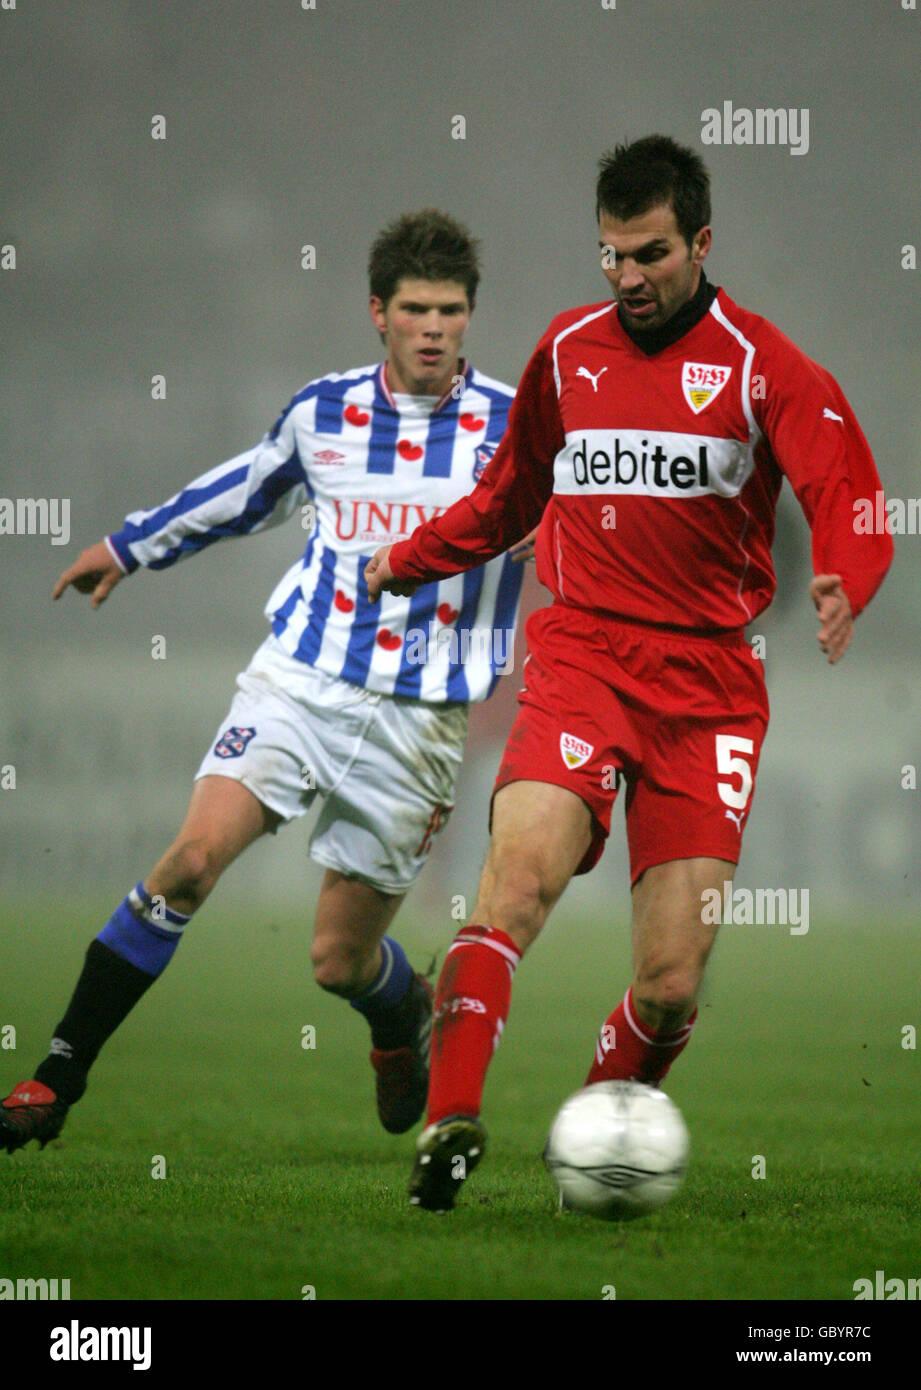 Soccer - UEFA Cup - Group G - Heerenveen v VFB Stuttgart - Stock Image